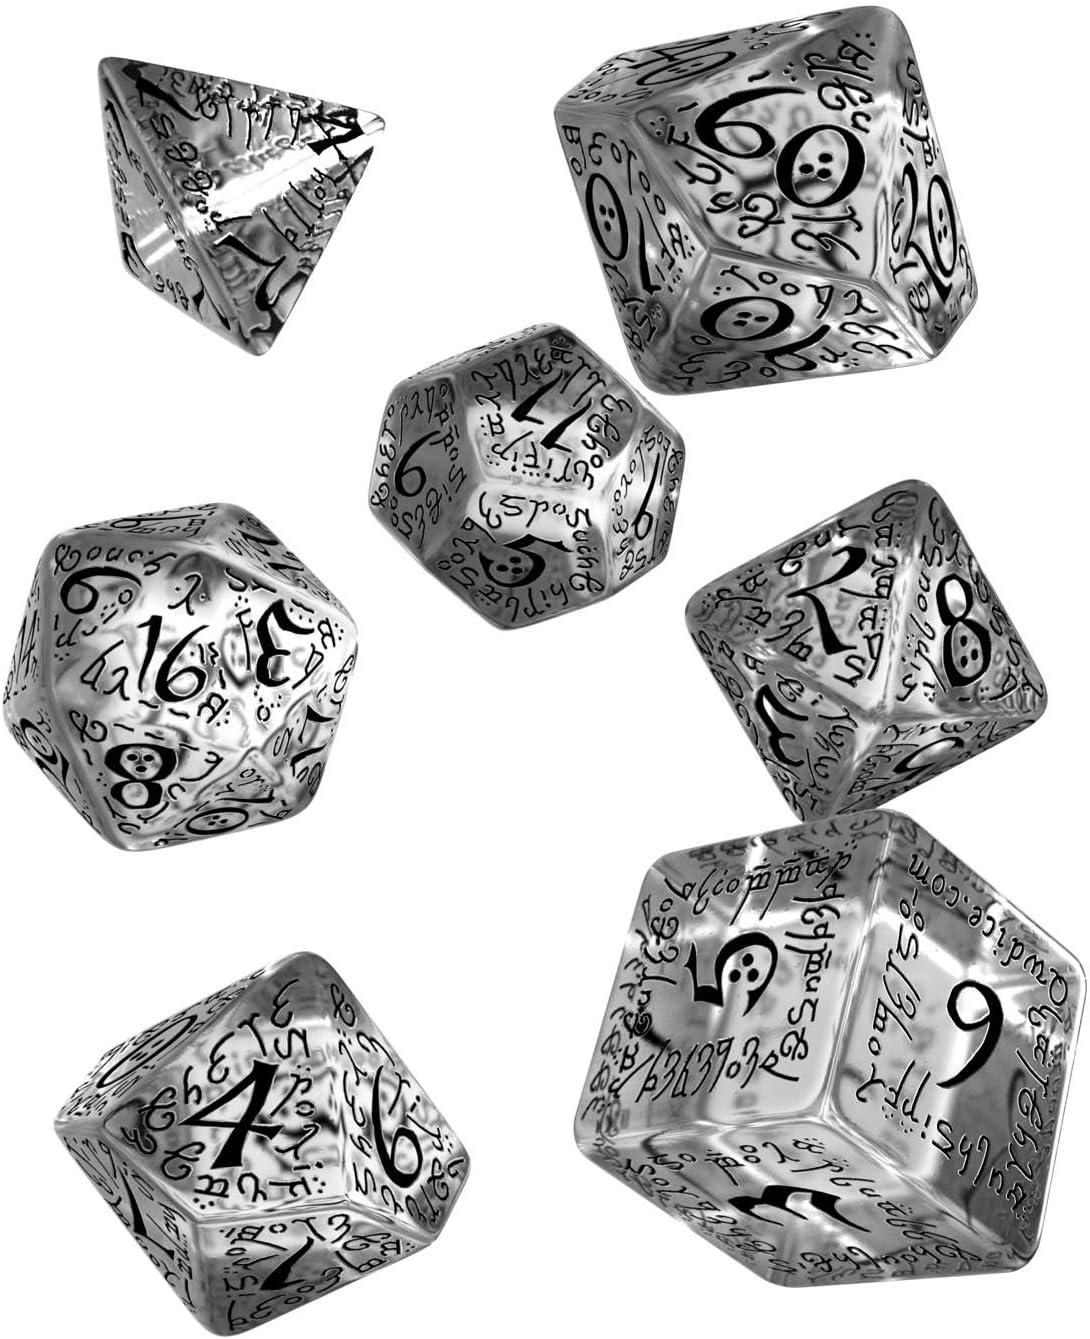 Q WORKSHOP Elvish Translucent & Red RPG Ornamented Dice Set 7 ...